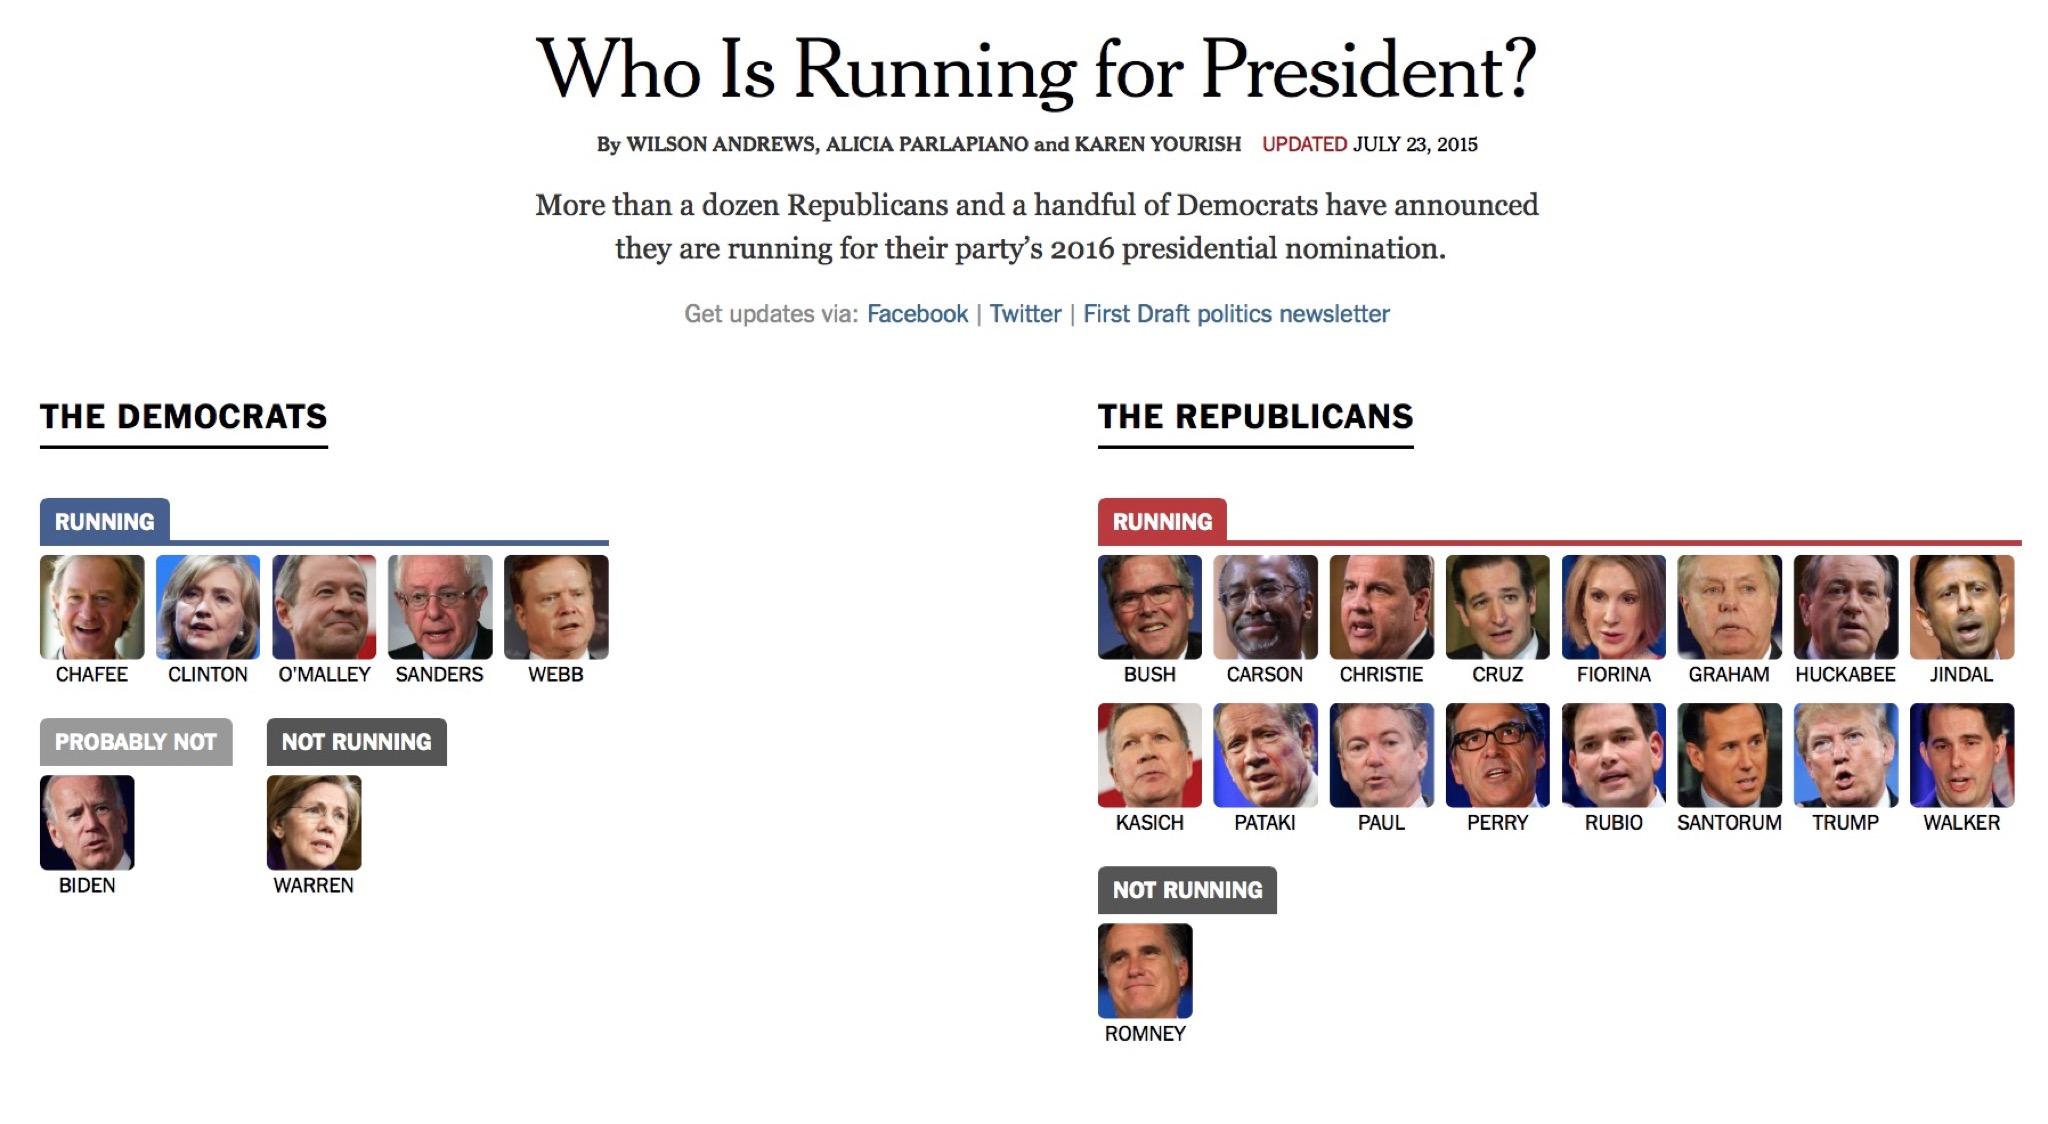 アメリカ合衆国大統領選挙の候補者は誰なのか?